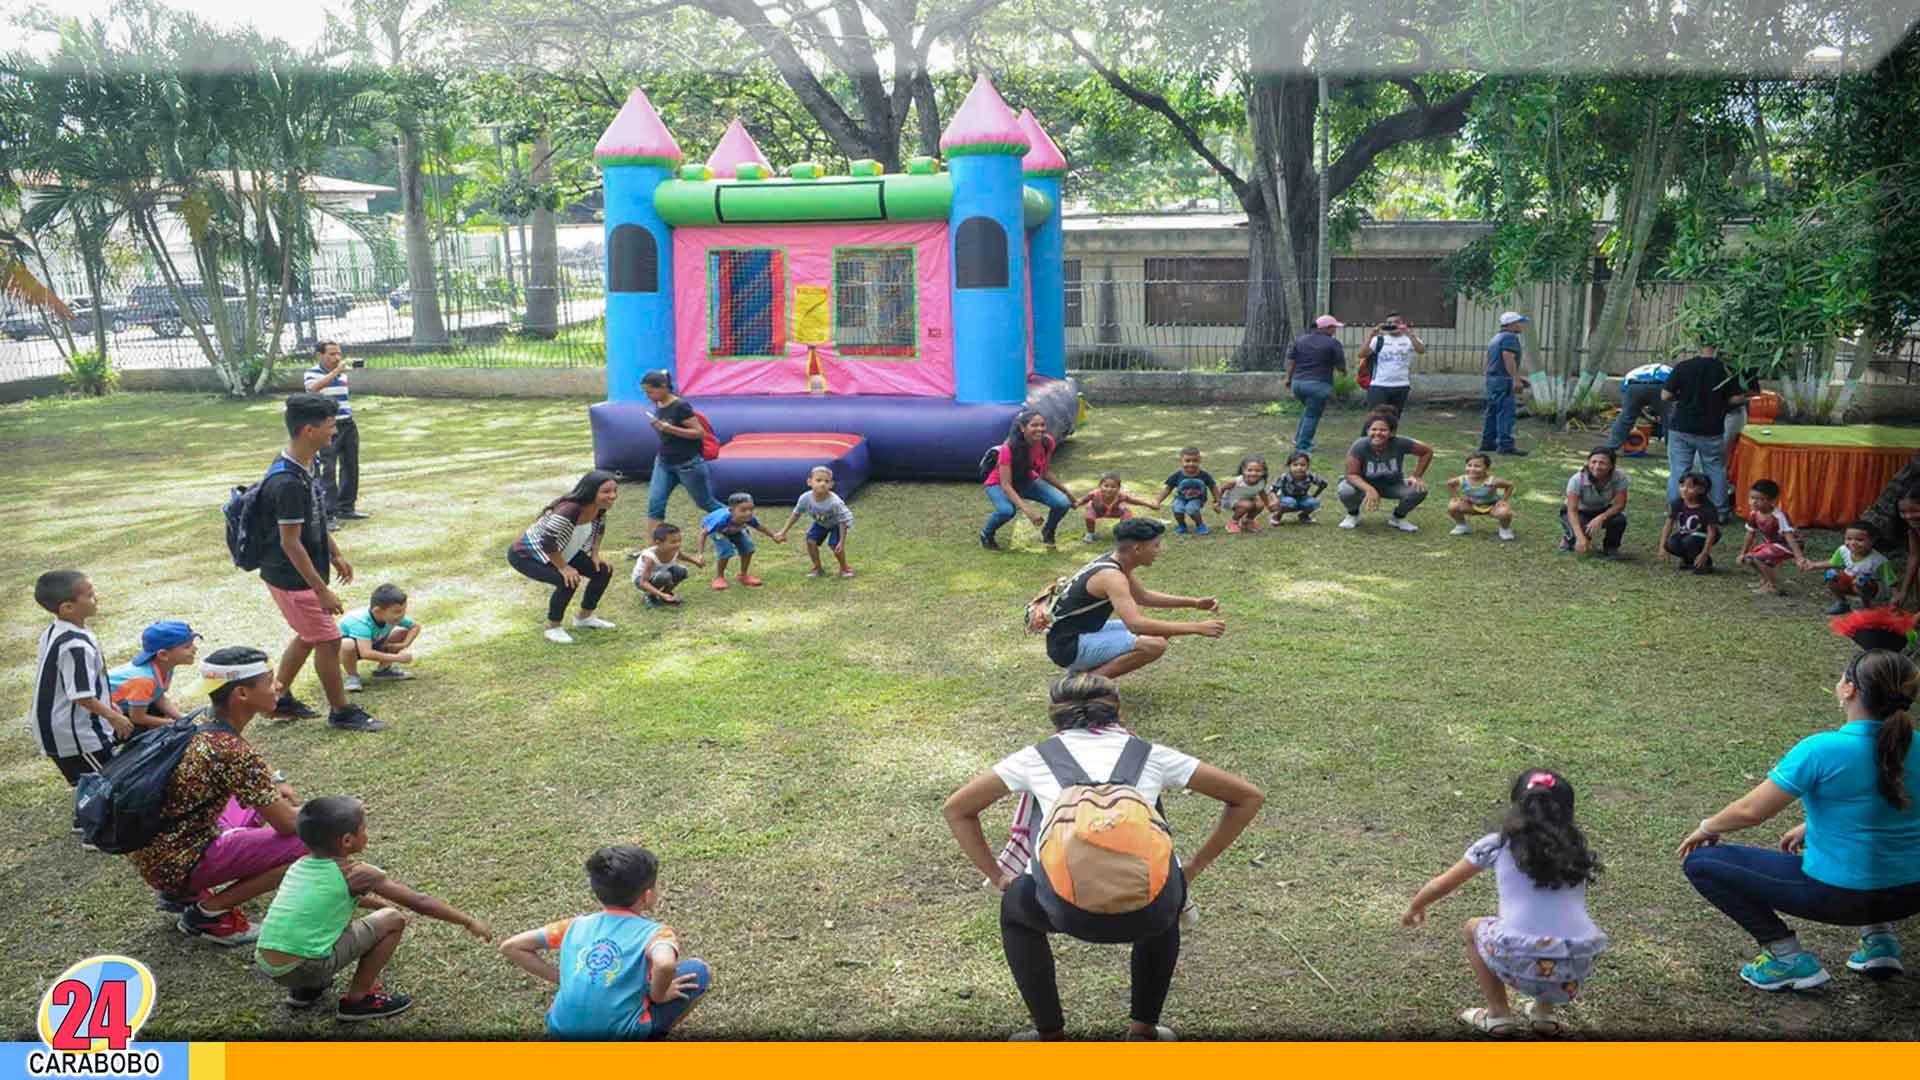 Noticias 24 Carabobo - Día del niño